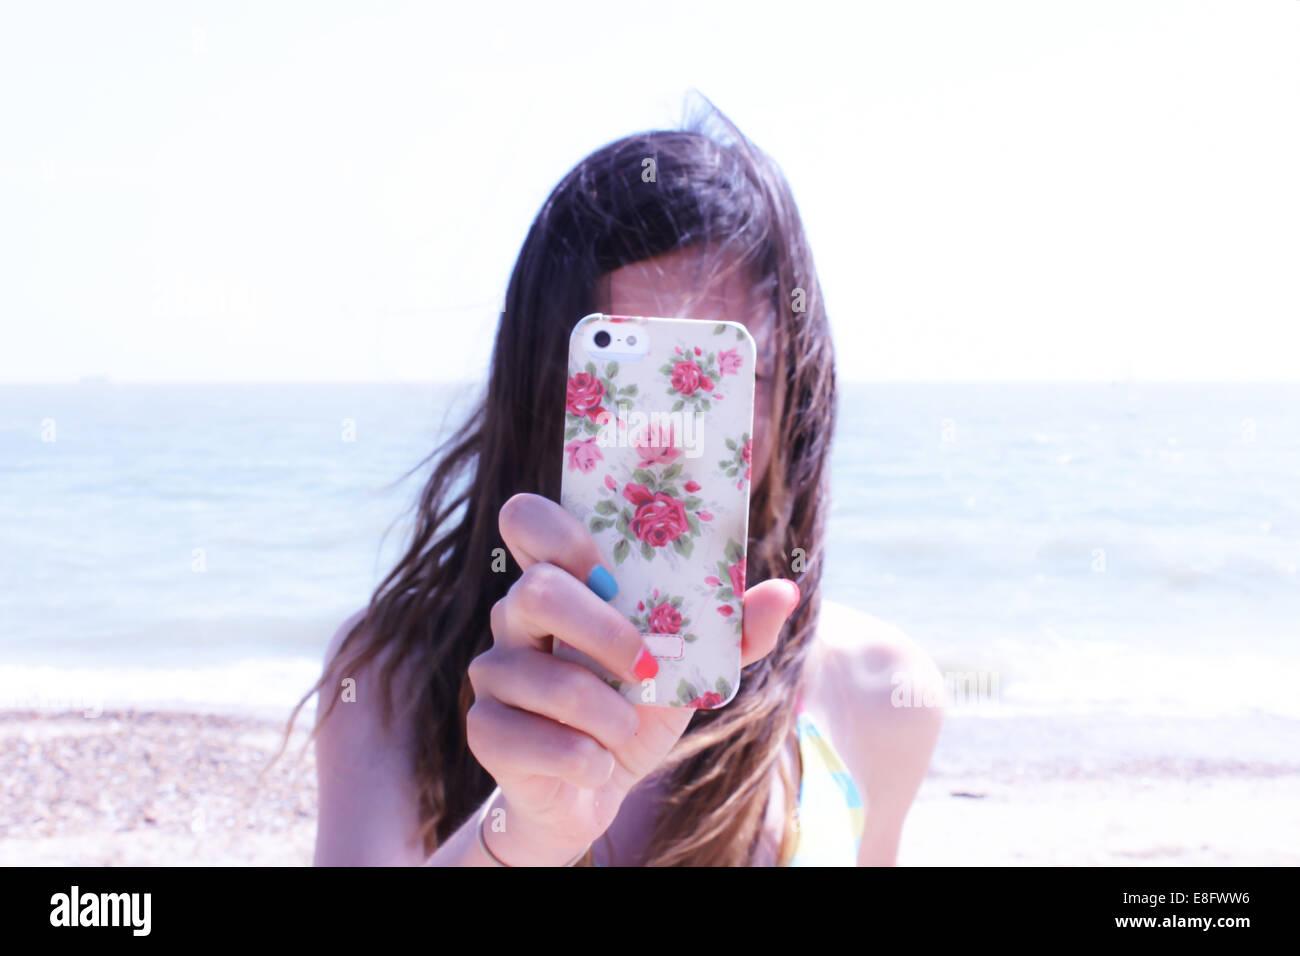 Ragazza di prendere foto con il suo telefono cellulare Immagini Stock